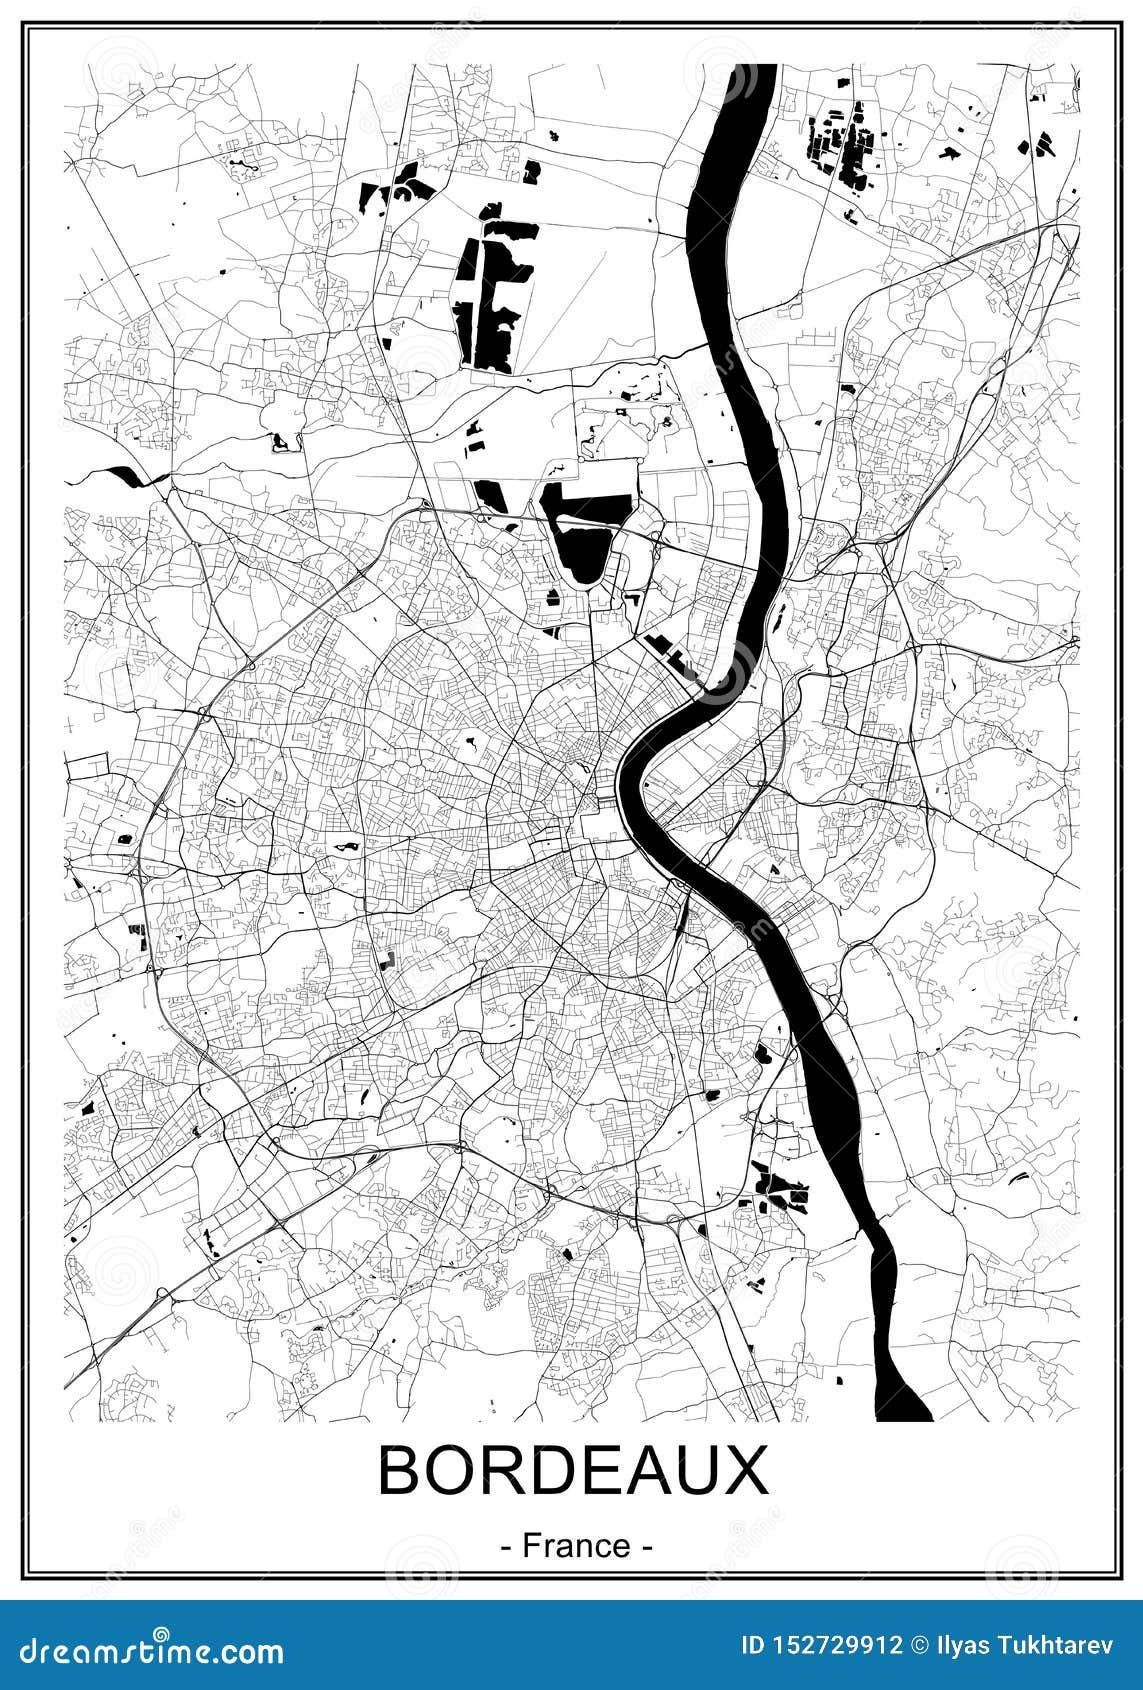 France map of bordeaux Bordeaux 2021: